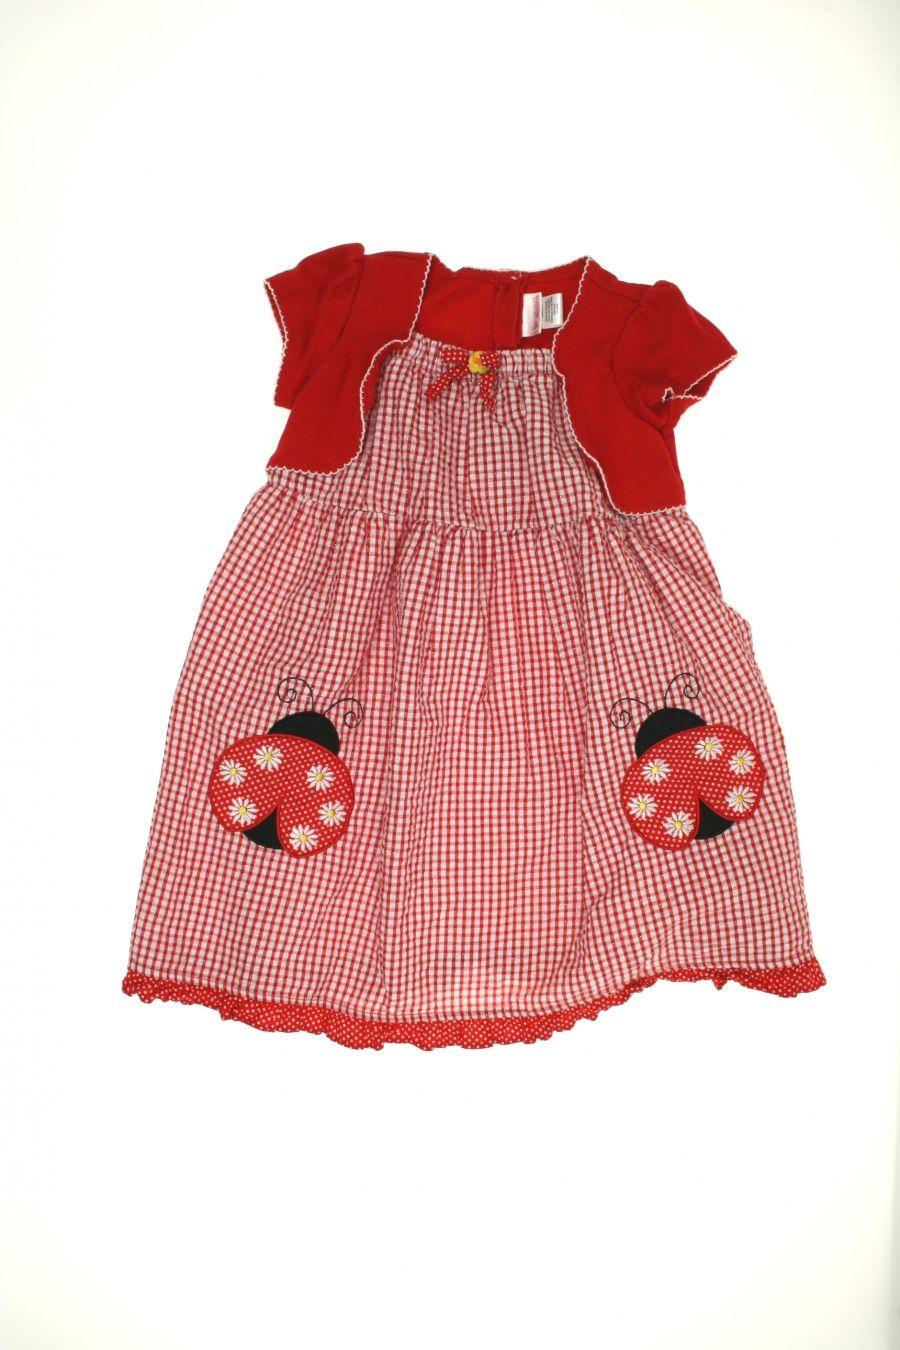 Girls youngland short dress size s ladybugs kids clothing